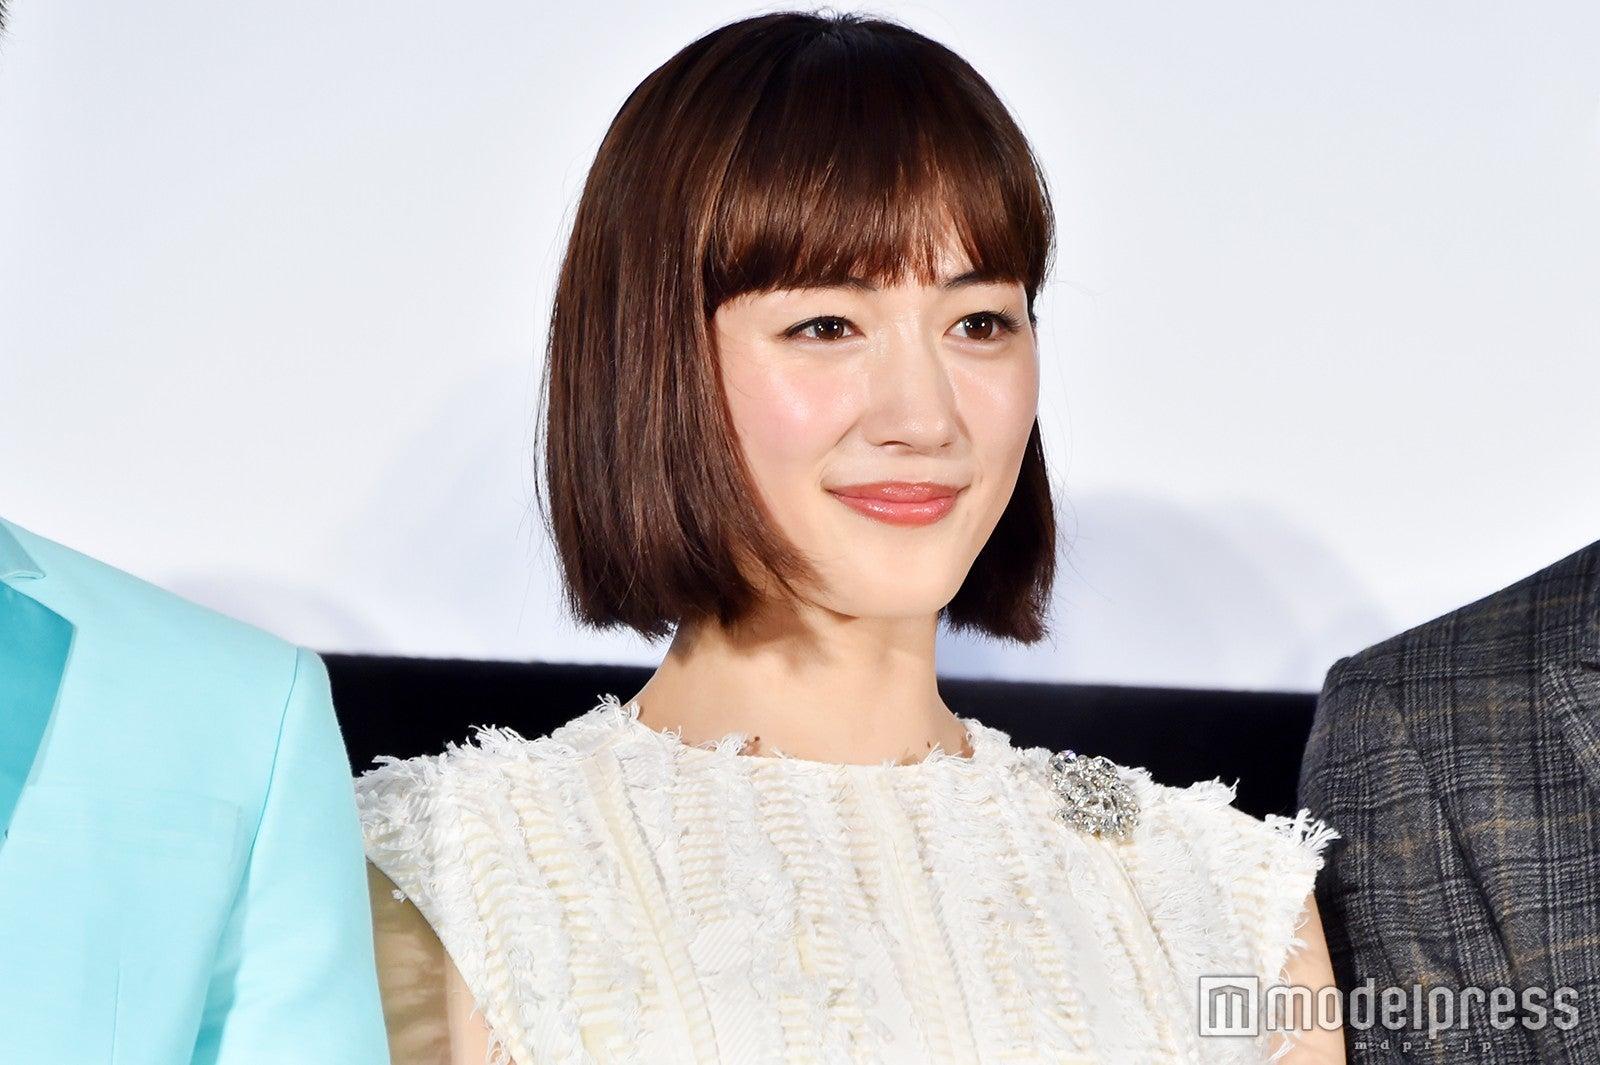 綾瀬 はるか 髪型 ボブ , Best Hair Style (最高のヘアスタイル)最新